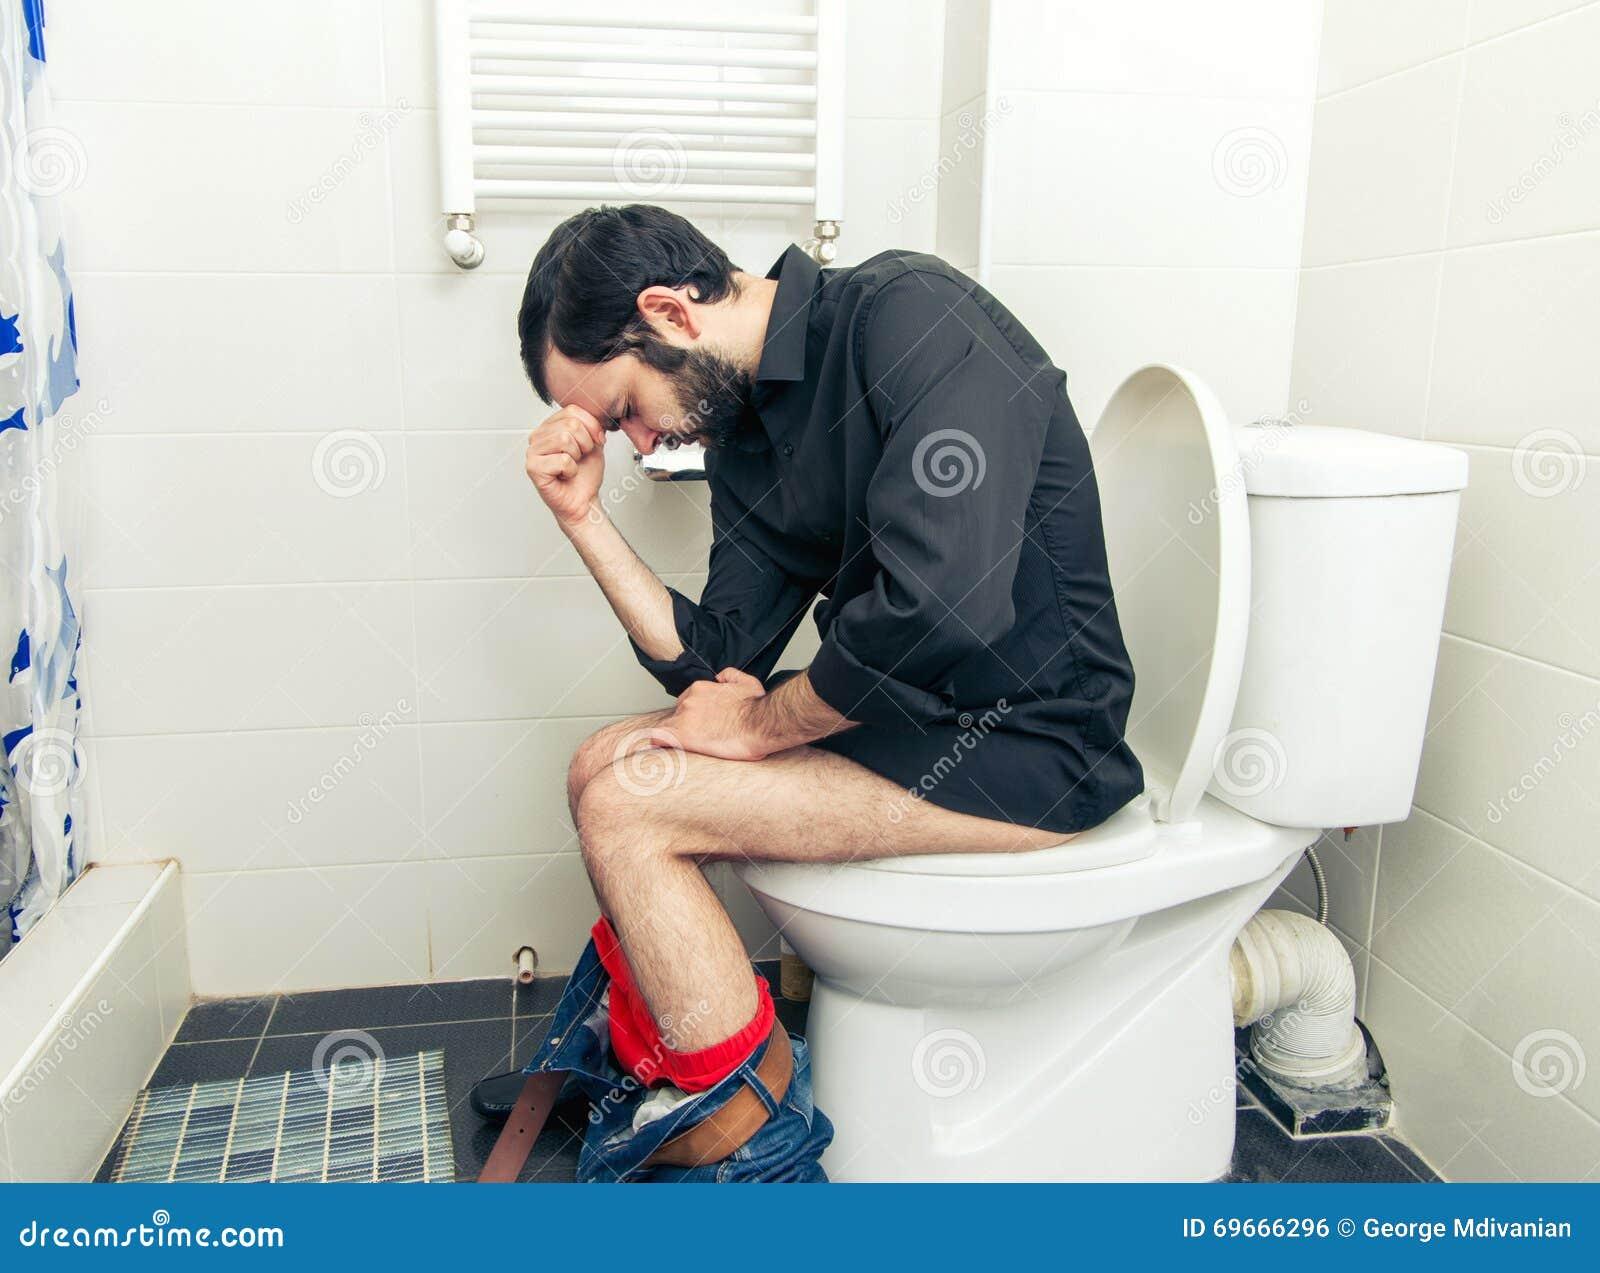 Mężczyzna ma problemy w toalecie